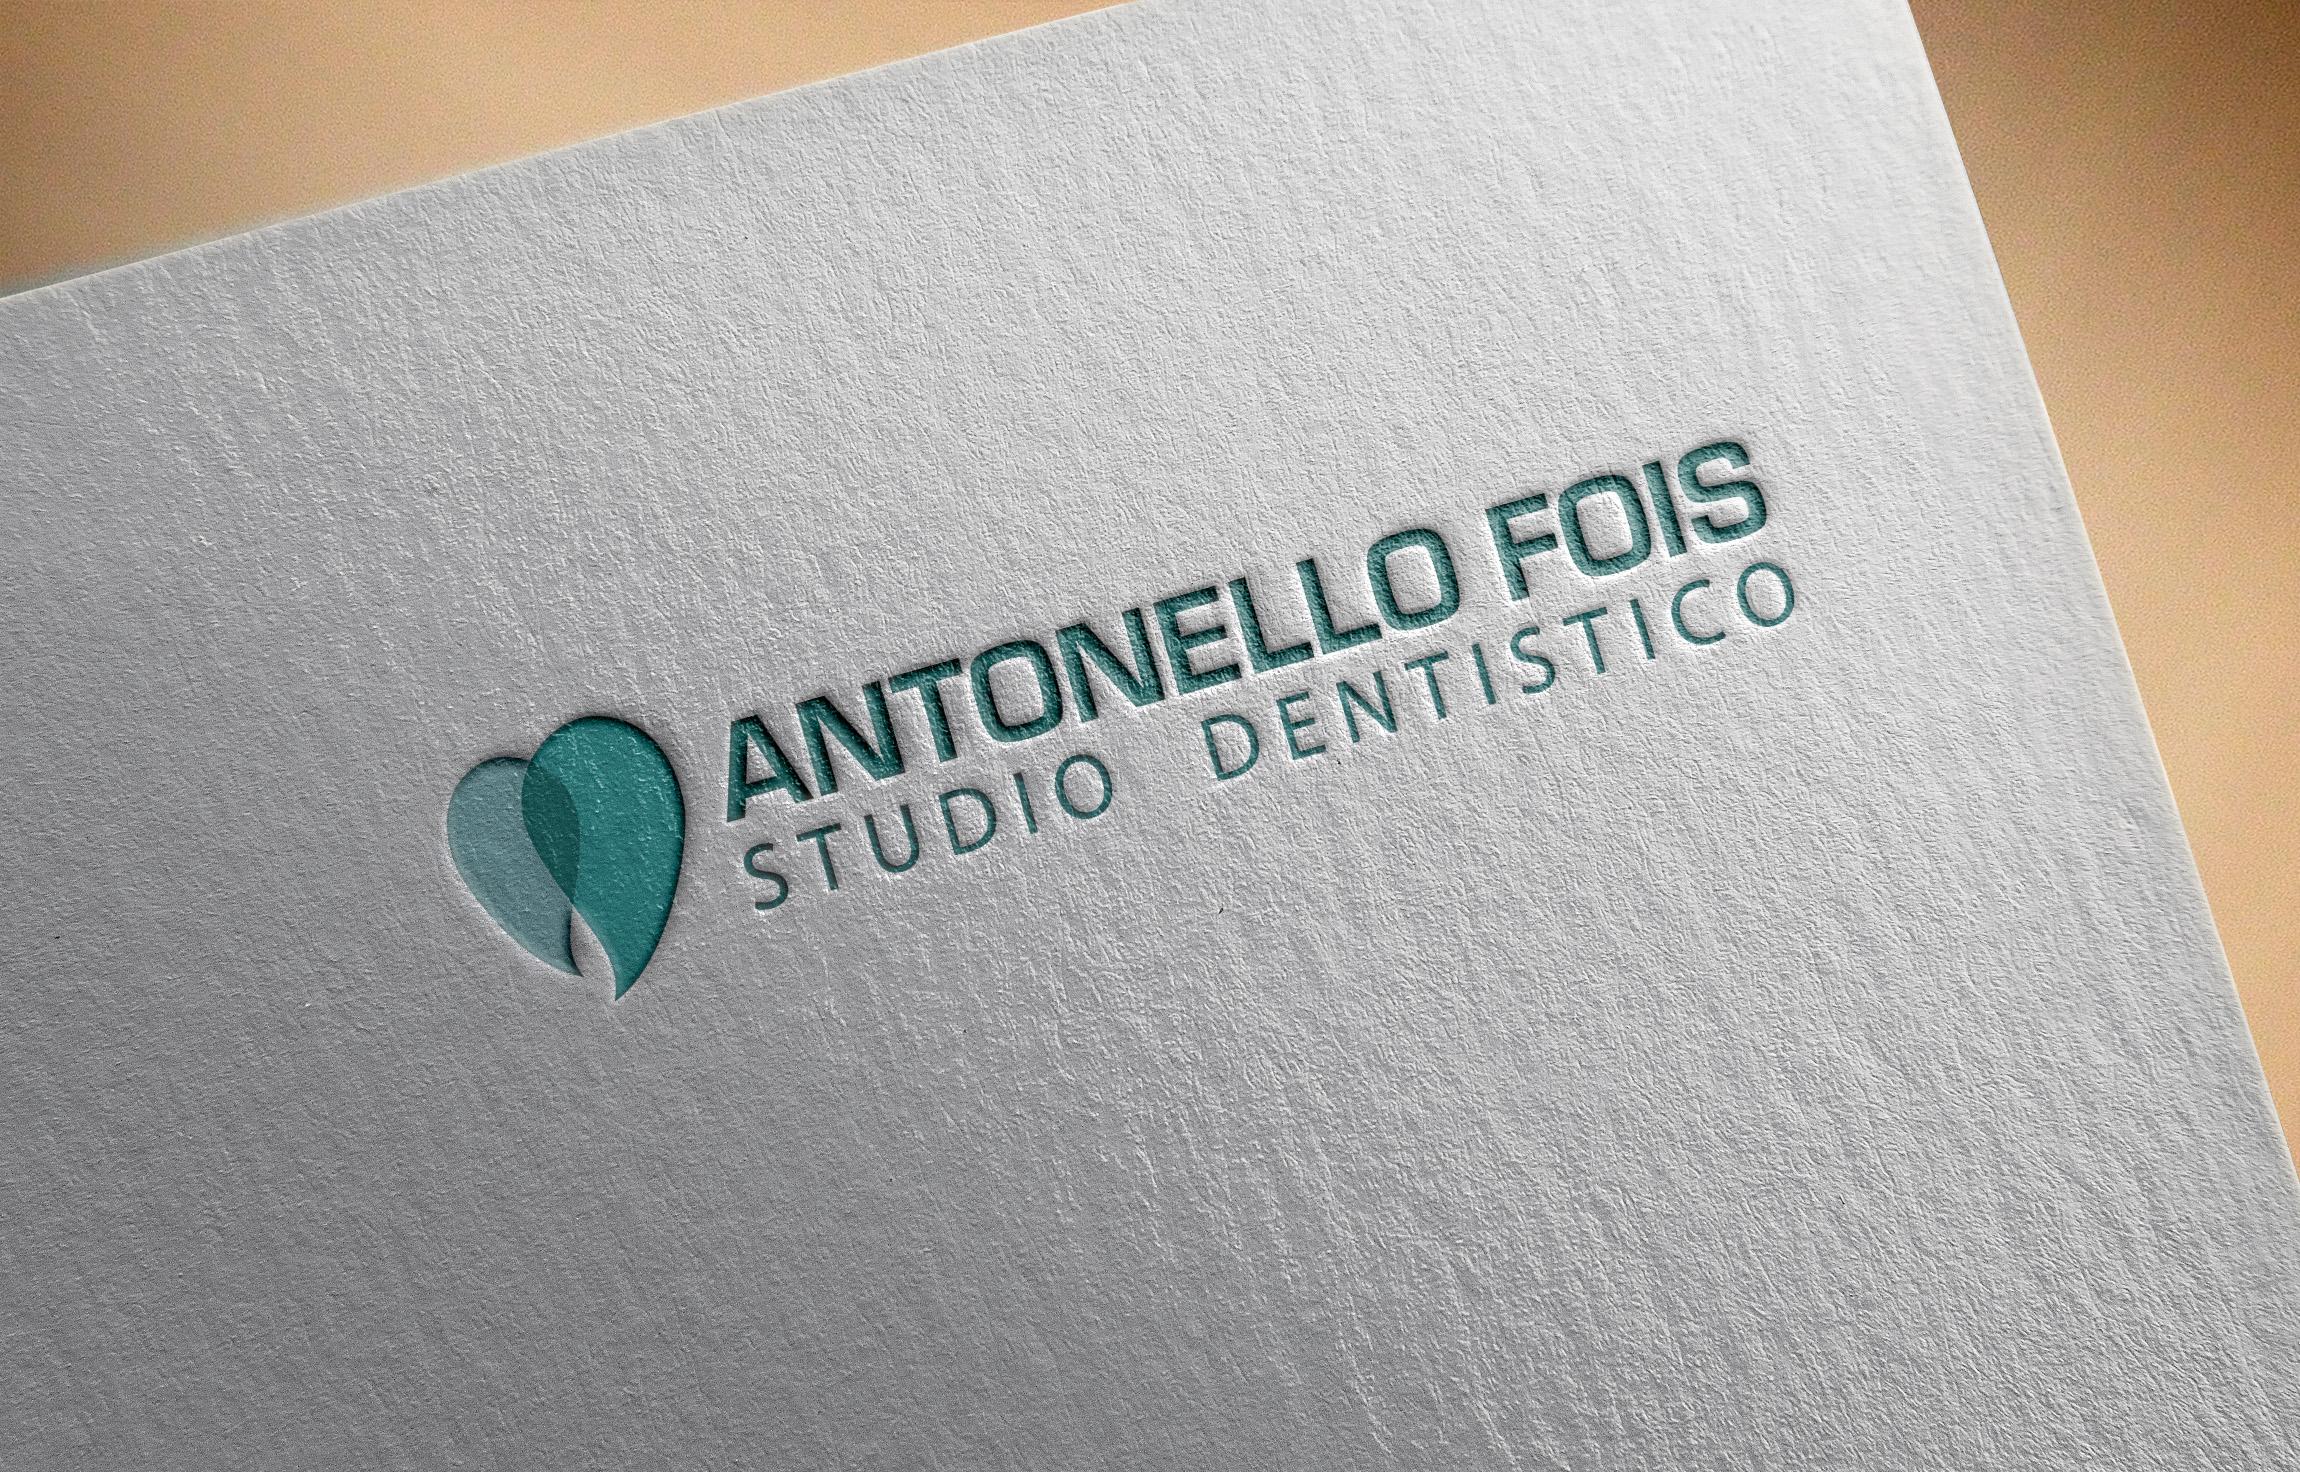 studio dentistico fois sardus italiasardus italia